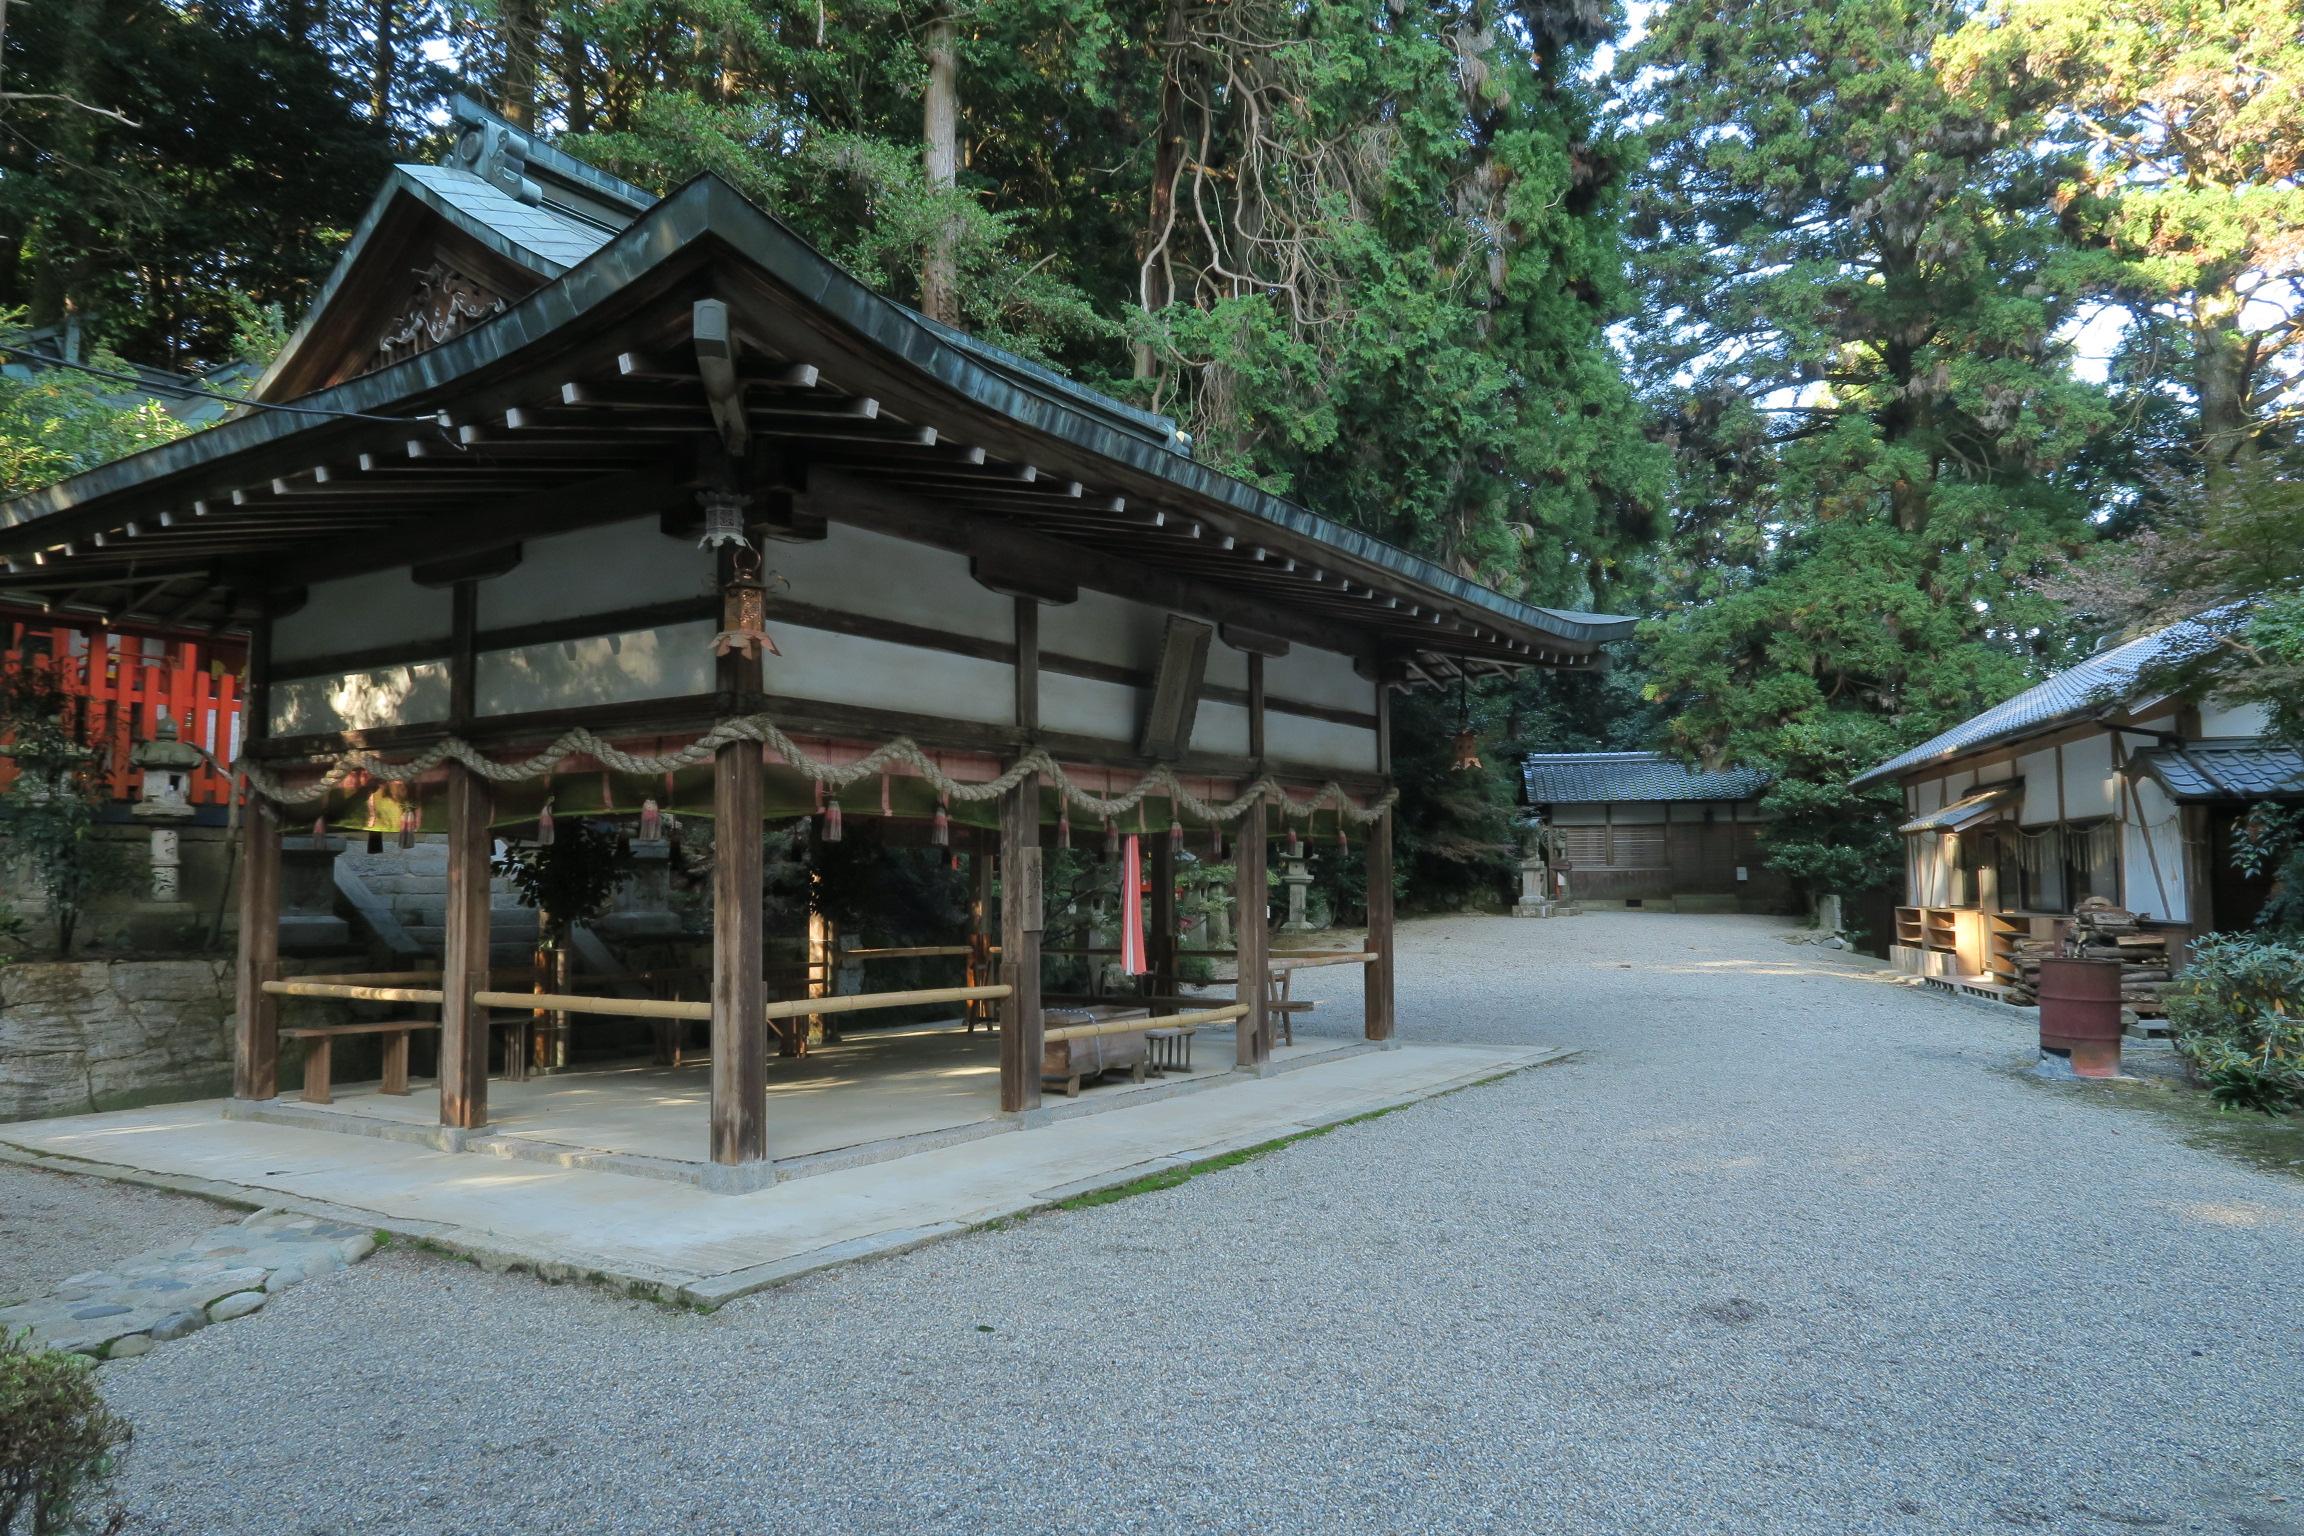 人のいない神社を訪れると、小学生の頃に遊び場として利用していた神社を思い出します。